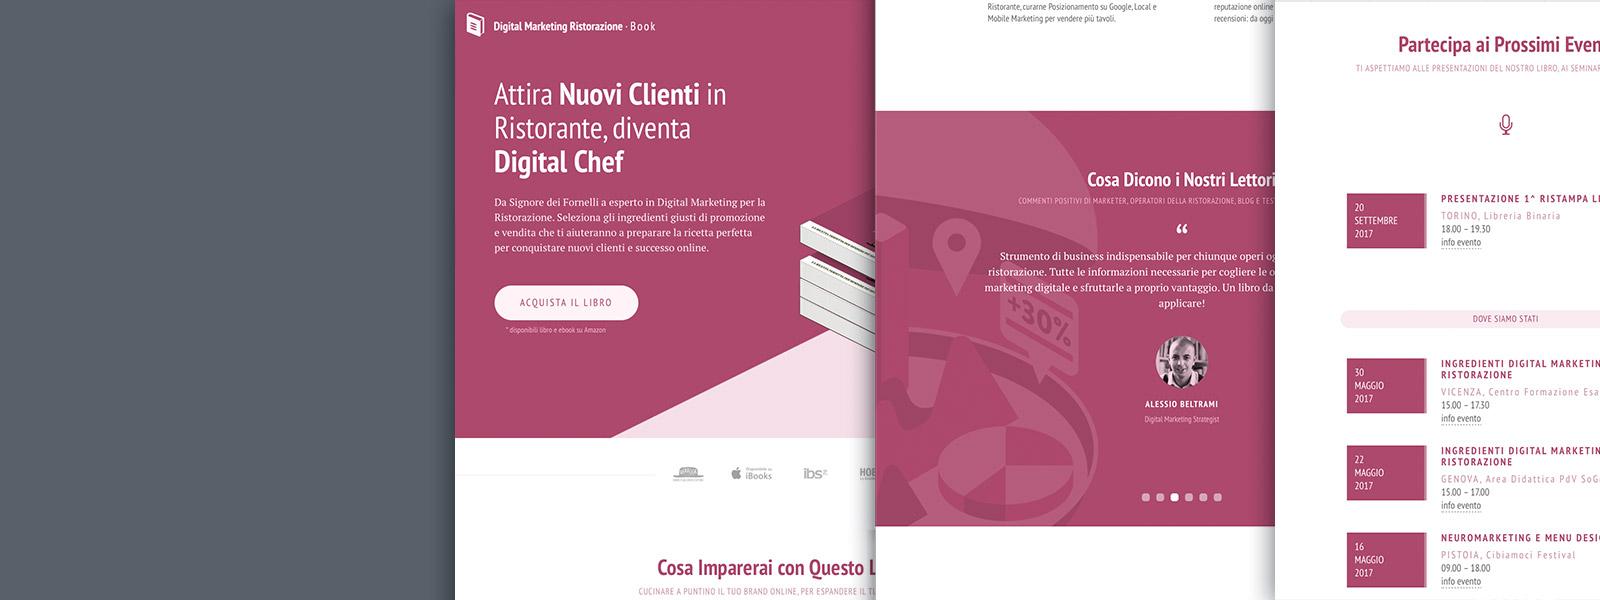 Muse Comunicazione - Come Divulgare il libro Digital Marketing per la Ristorazione